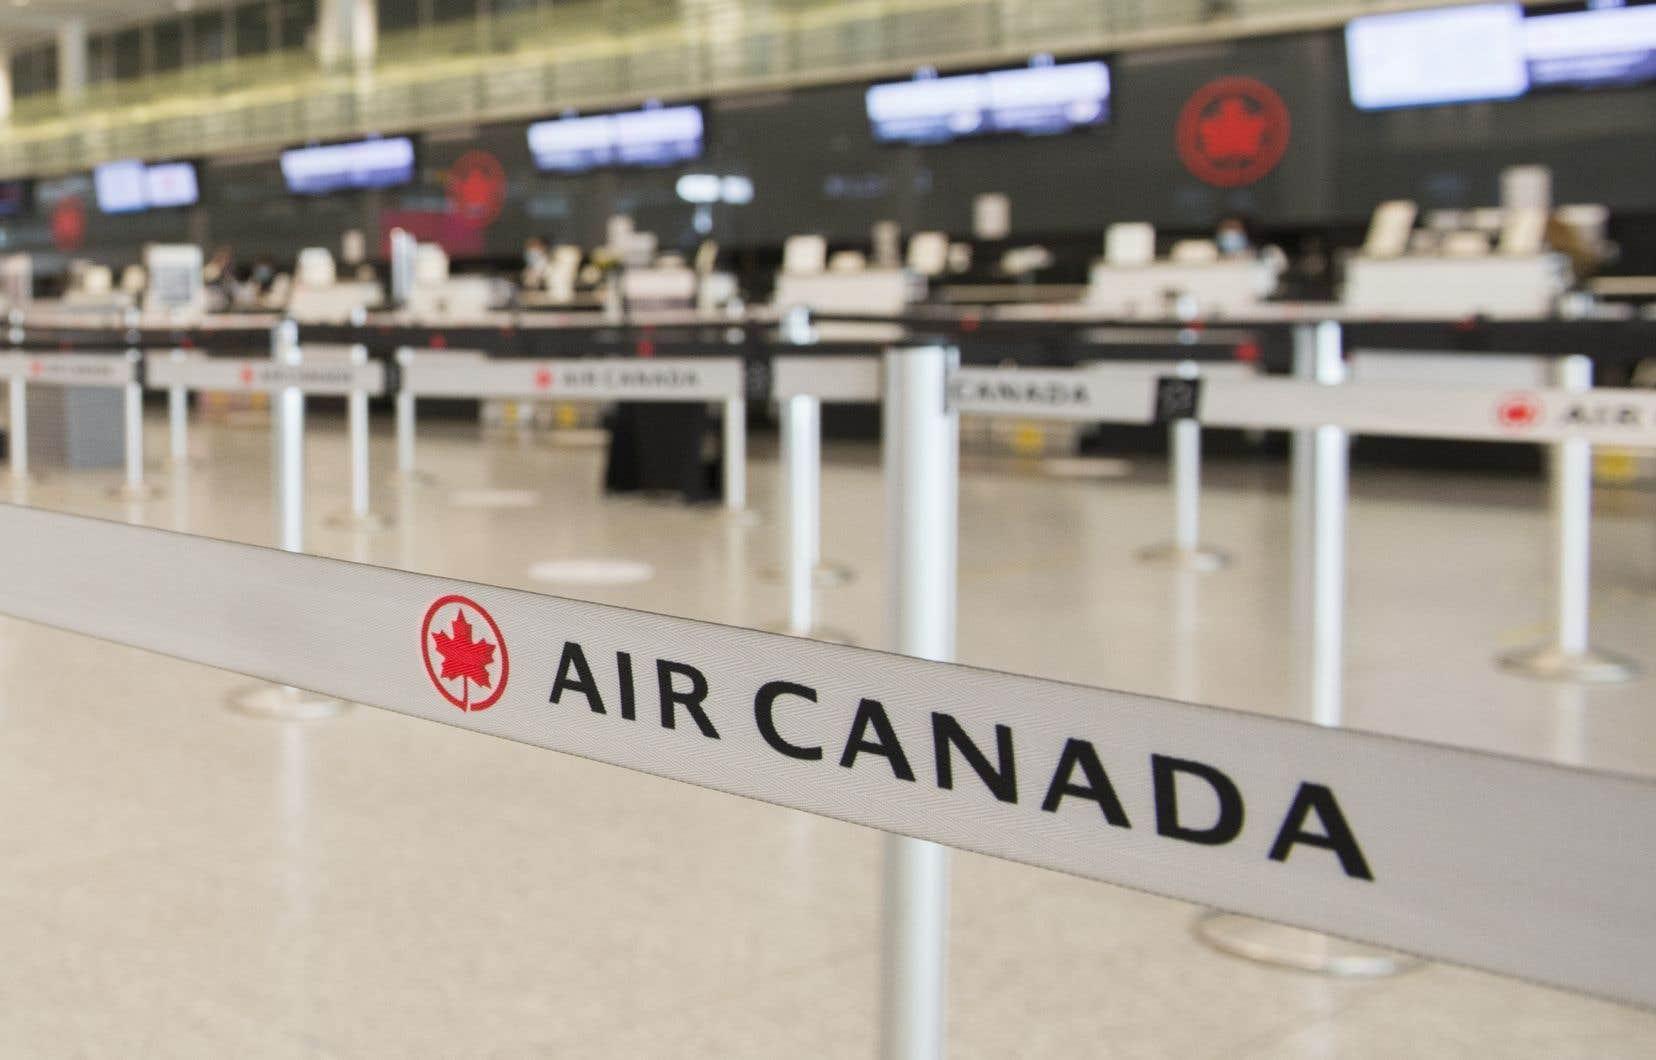 L'annonce survient au lendemain de la conclusion d'un plan d'aide pouvant atteindre 5,9 milliards de dollars entre Air Canada et le gouvernement fédéral, qui deviendra notamment actionnaire de la compagnie aérienne.